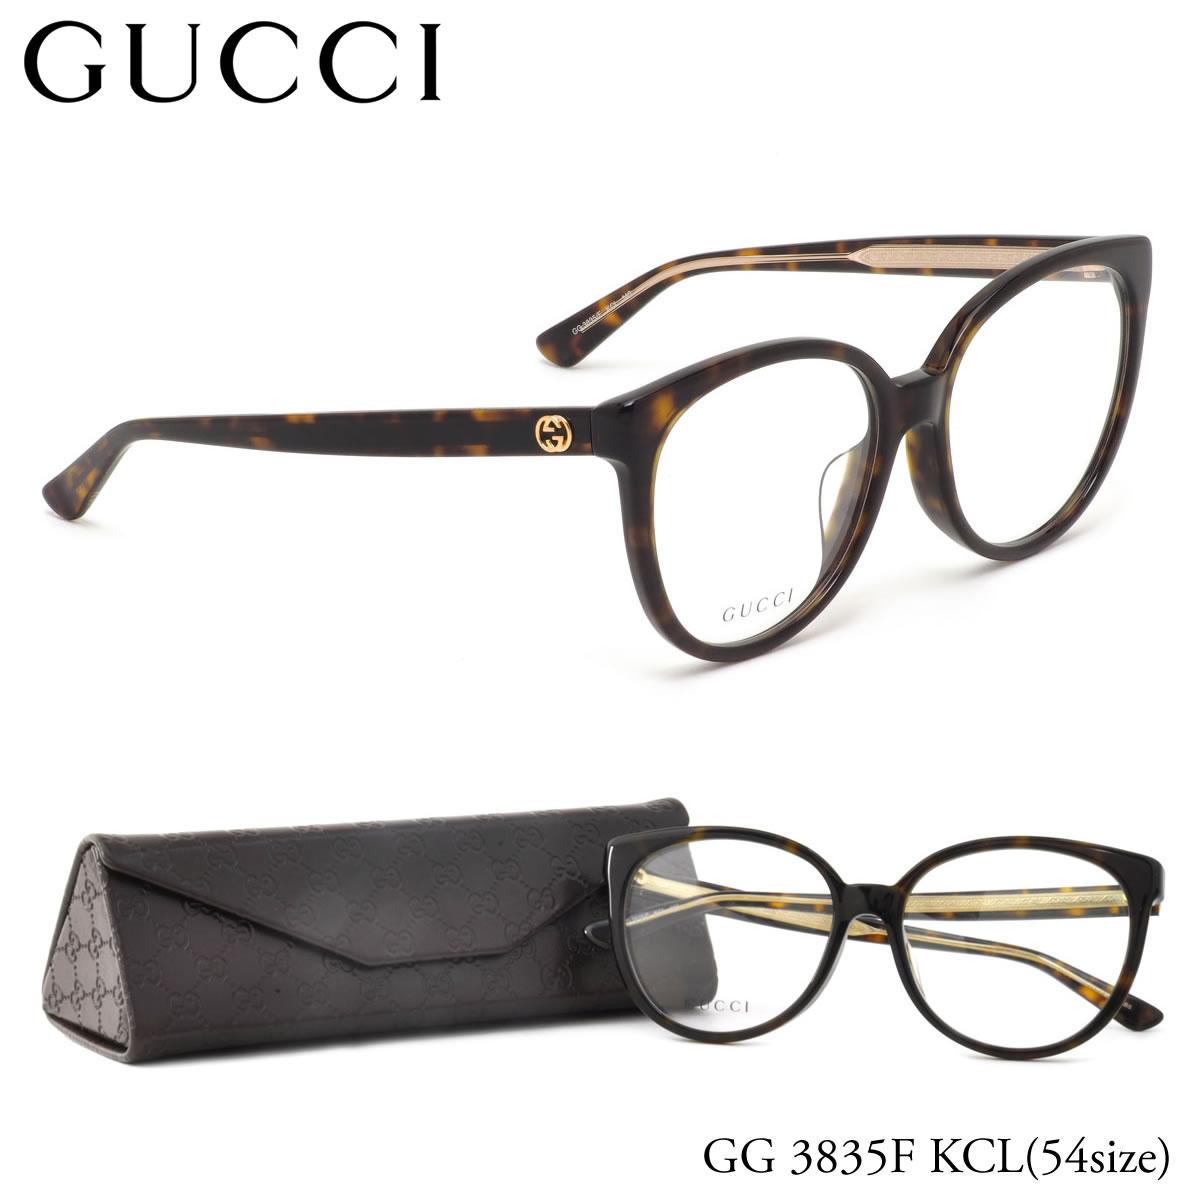 (GUCCI) 眼镜 GG3835F 氯化钾 54 大小亚洲适合猫猫眼古奇 ITA 镜片镜头免费男人女人